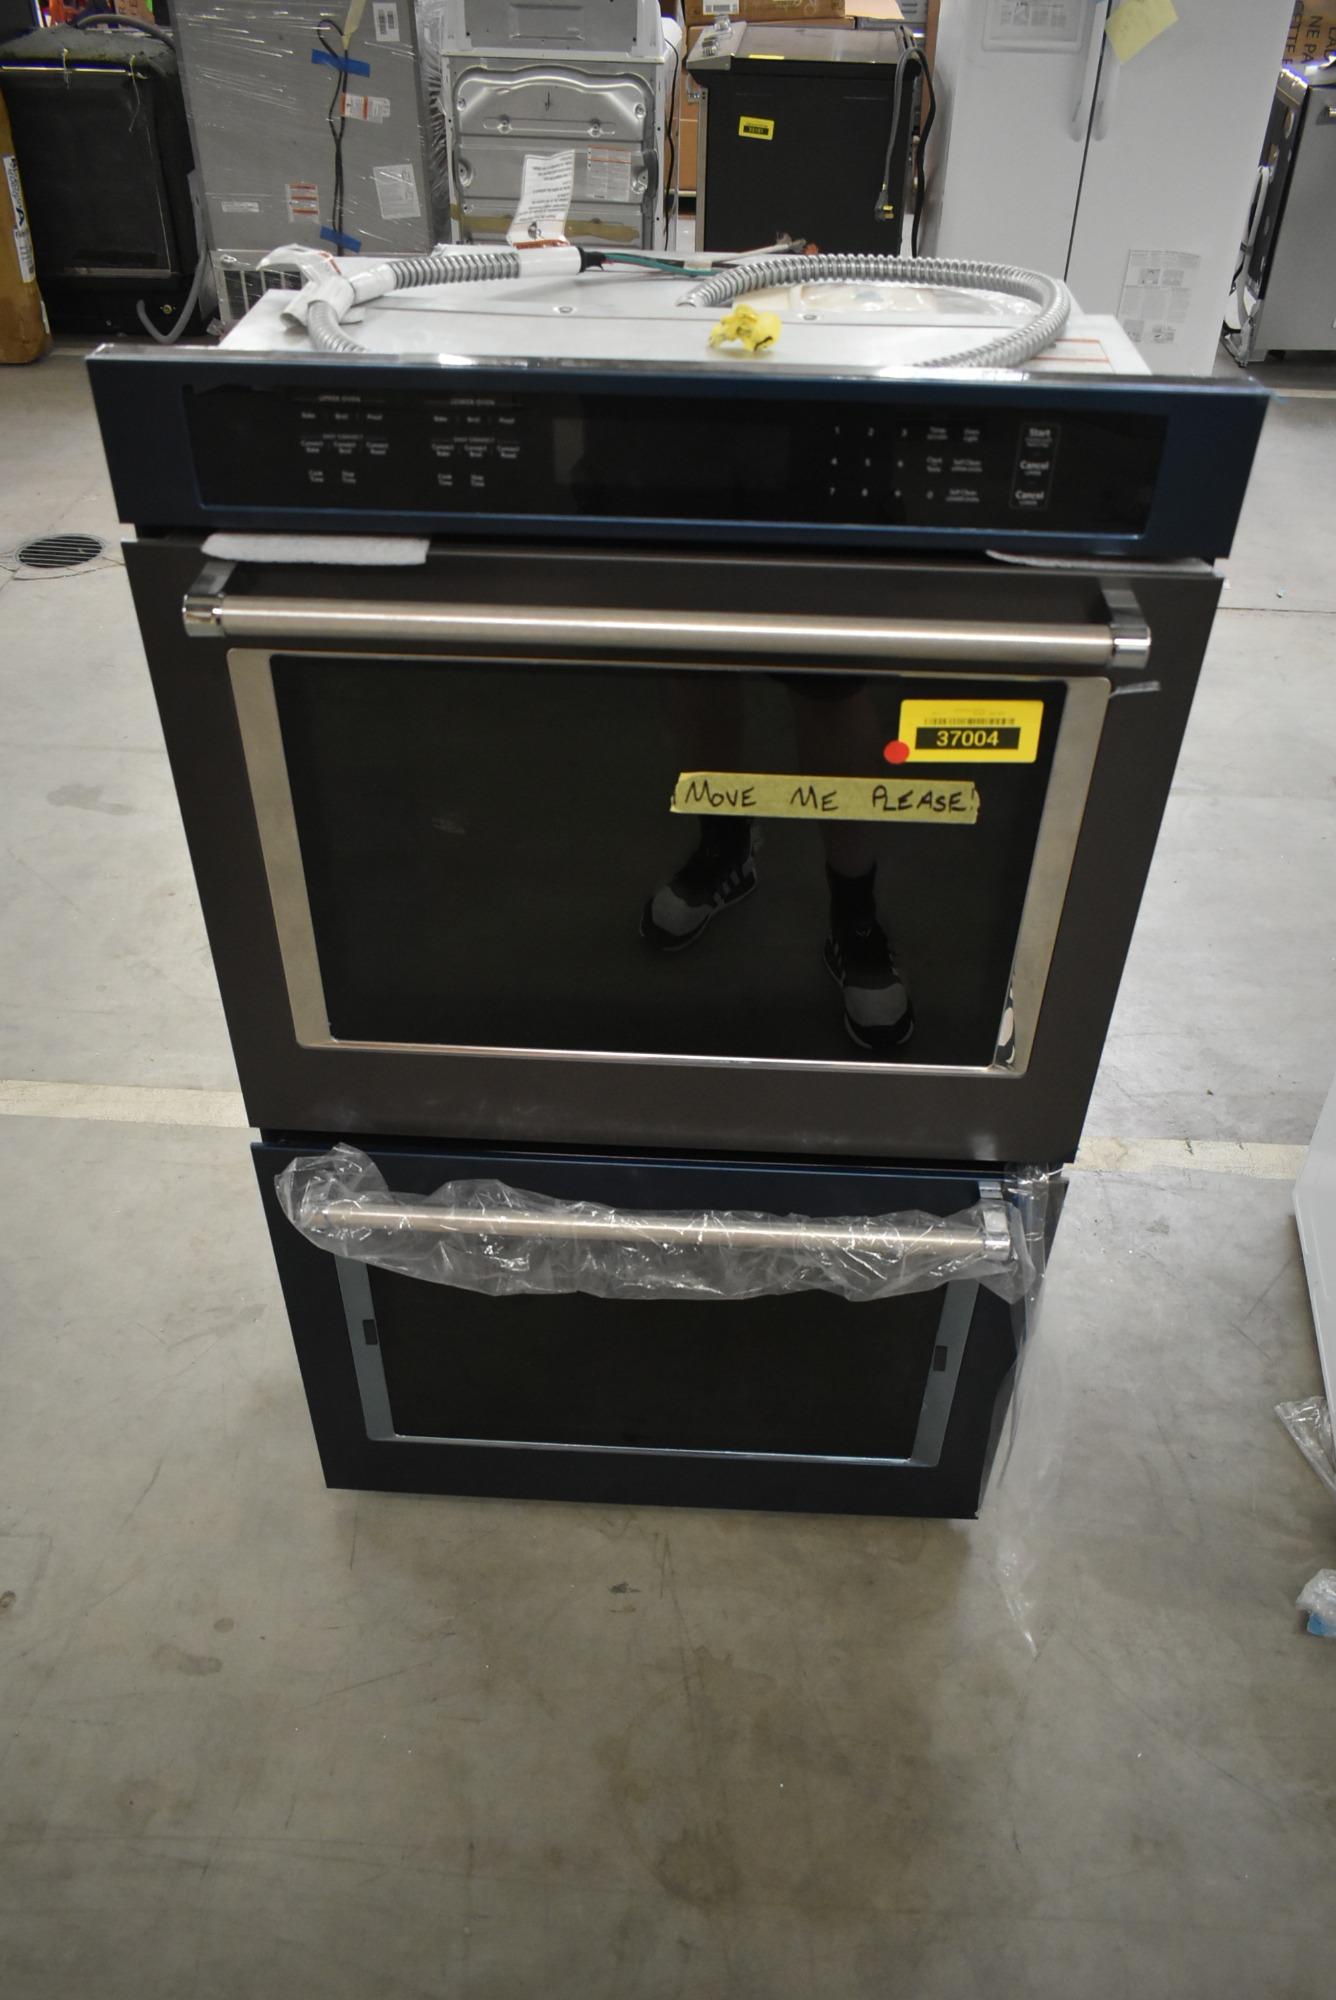 KitchenAid KODE500EBS 30